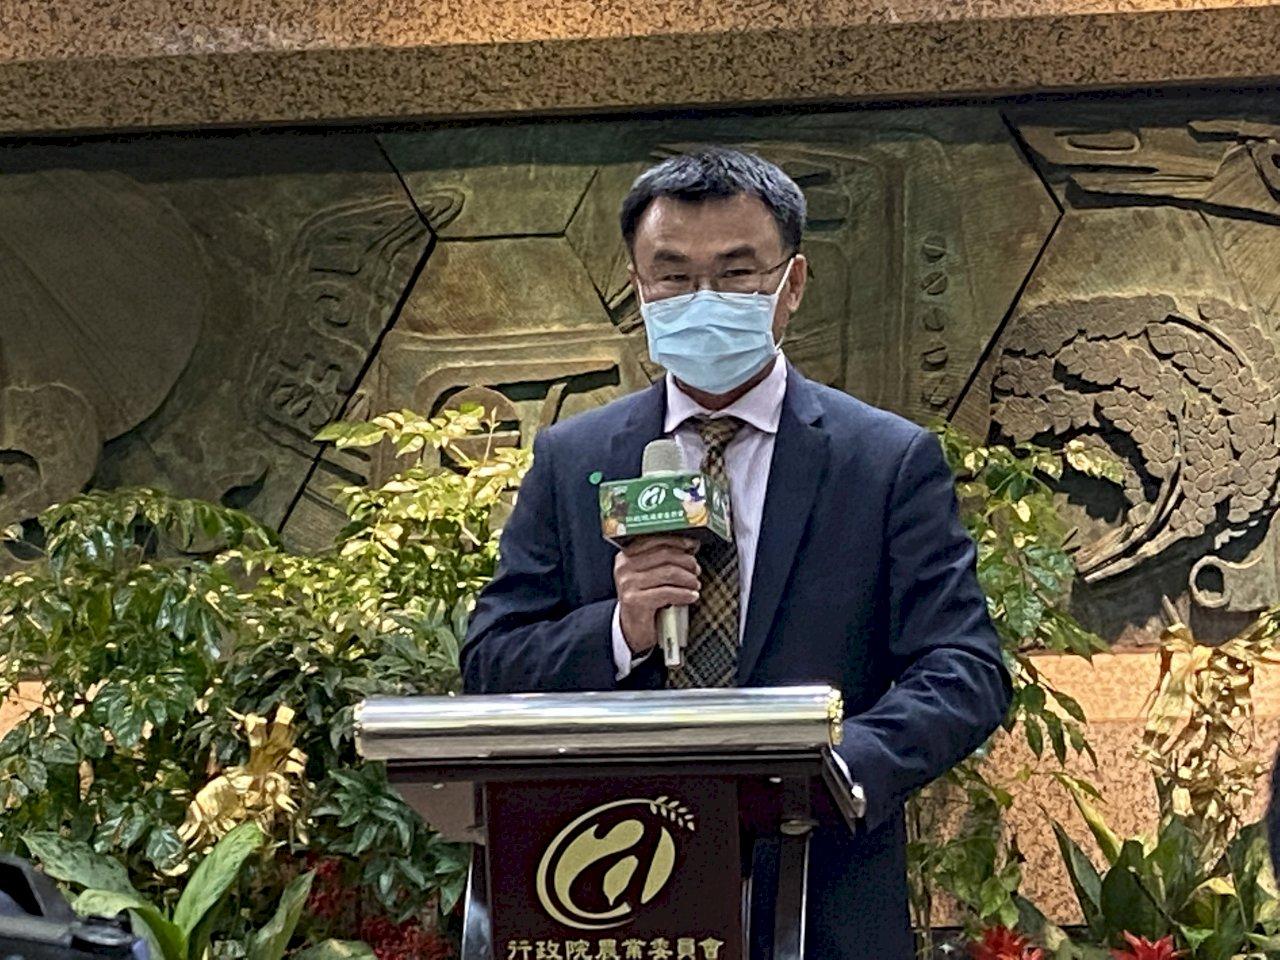 修法反制「農林22條」 陳吉仲:違規輸出種苗須負刑責